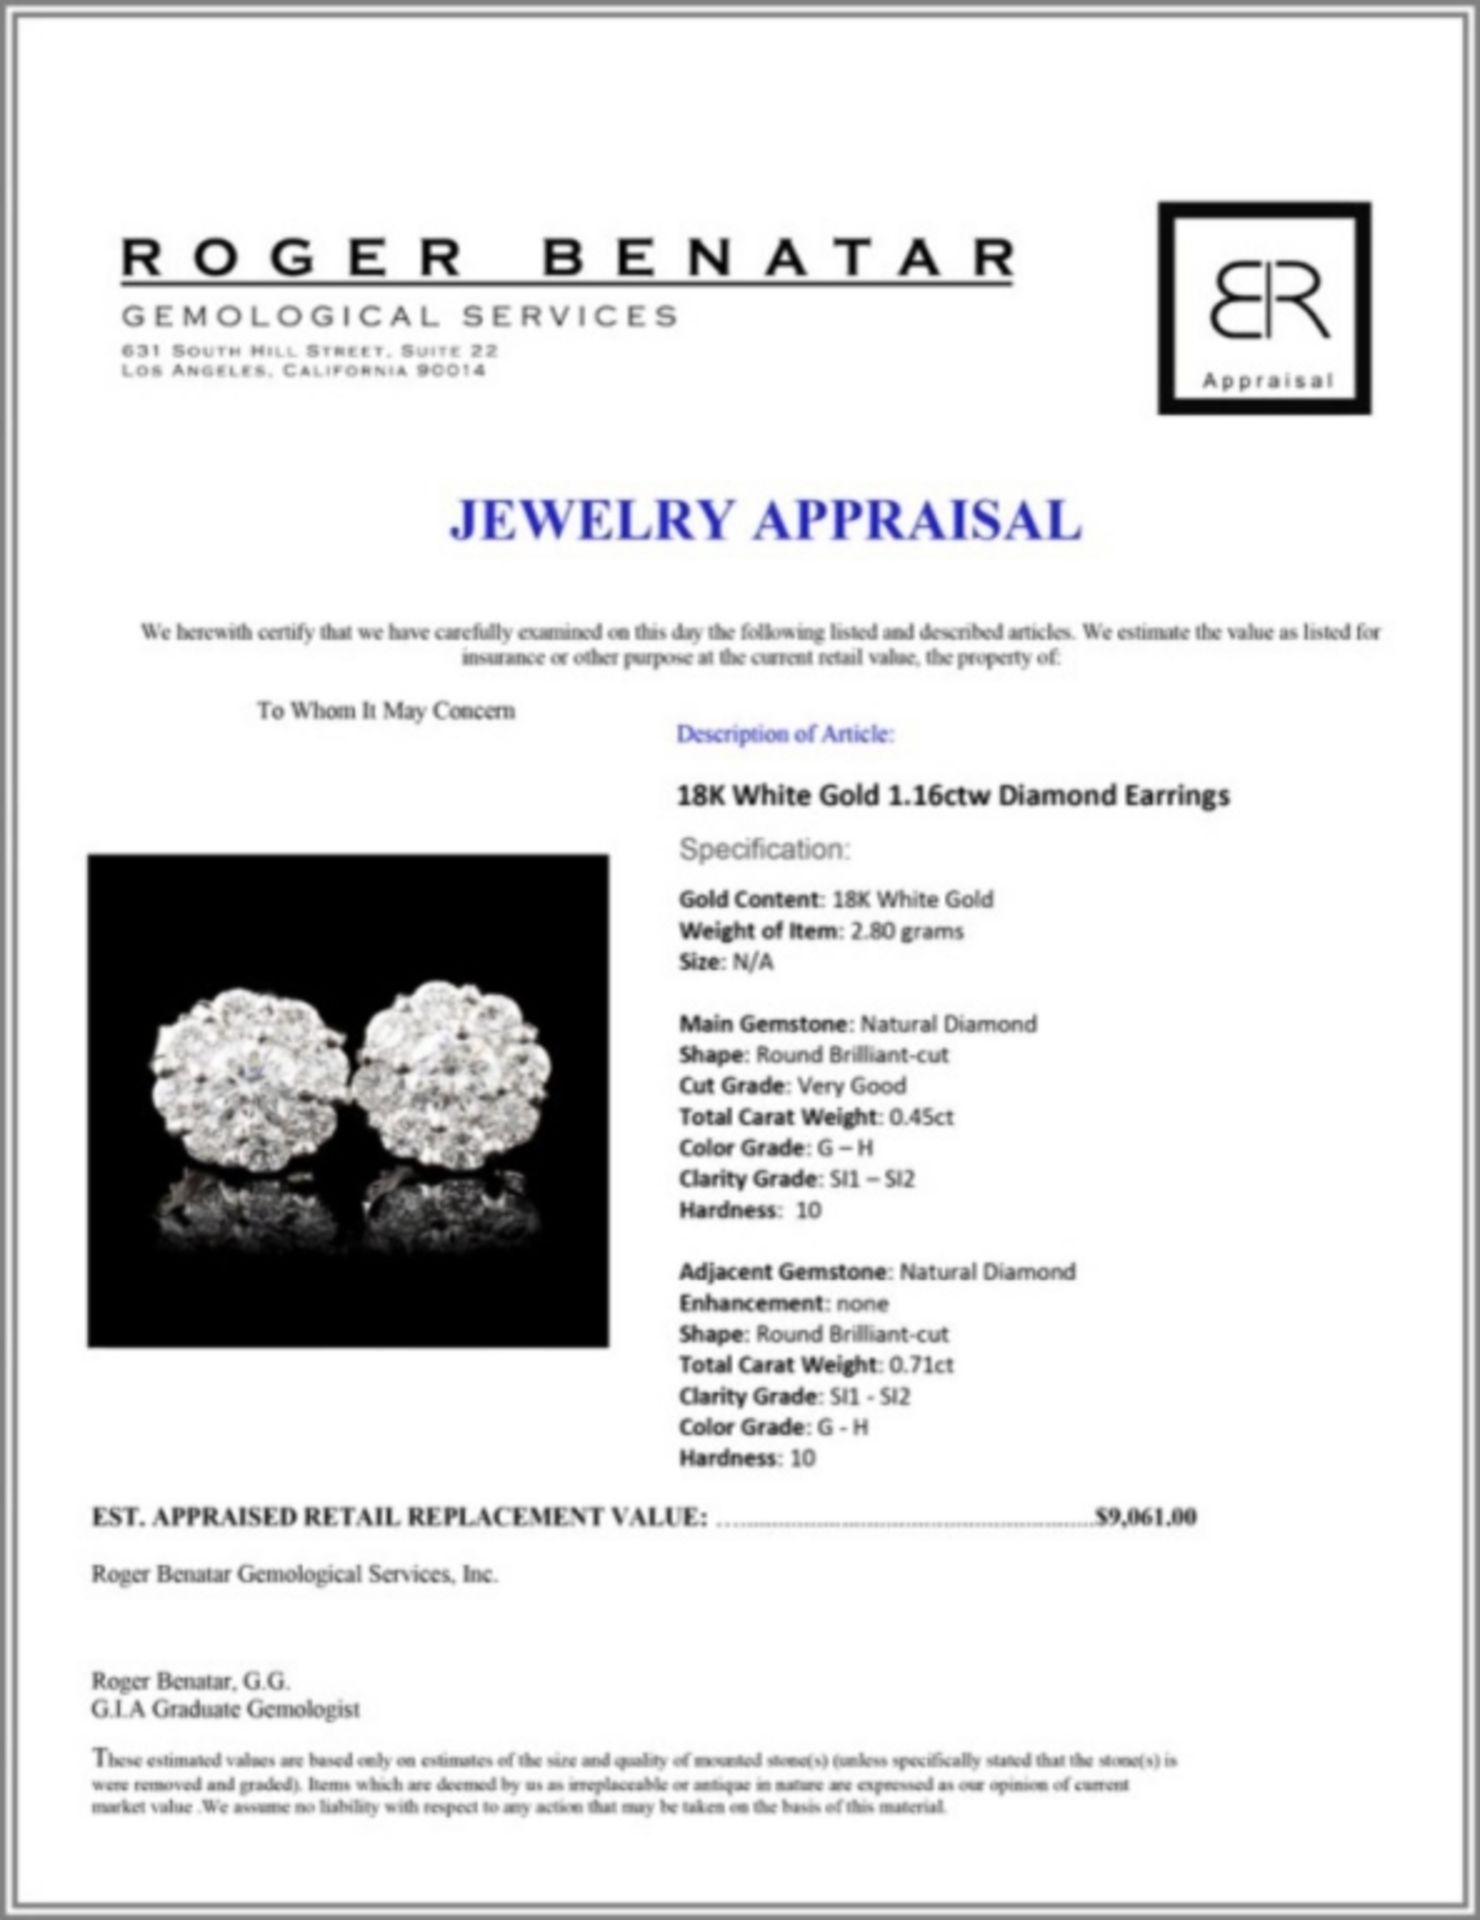 18K White Gold 1.16ctw Diamond Earrings - Image 3 of 3